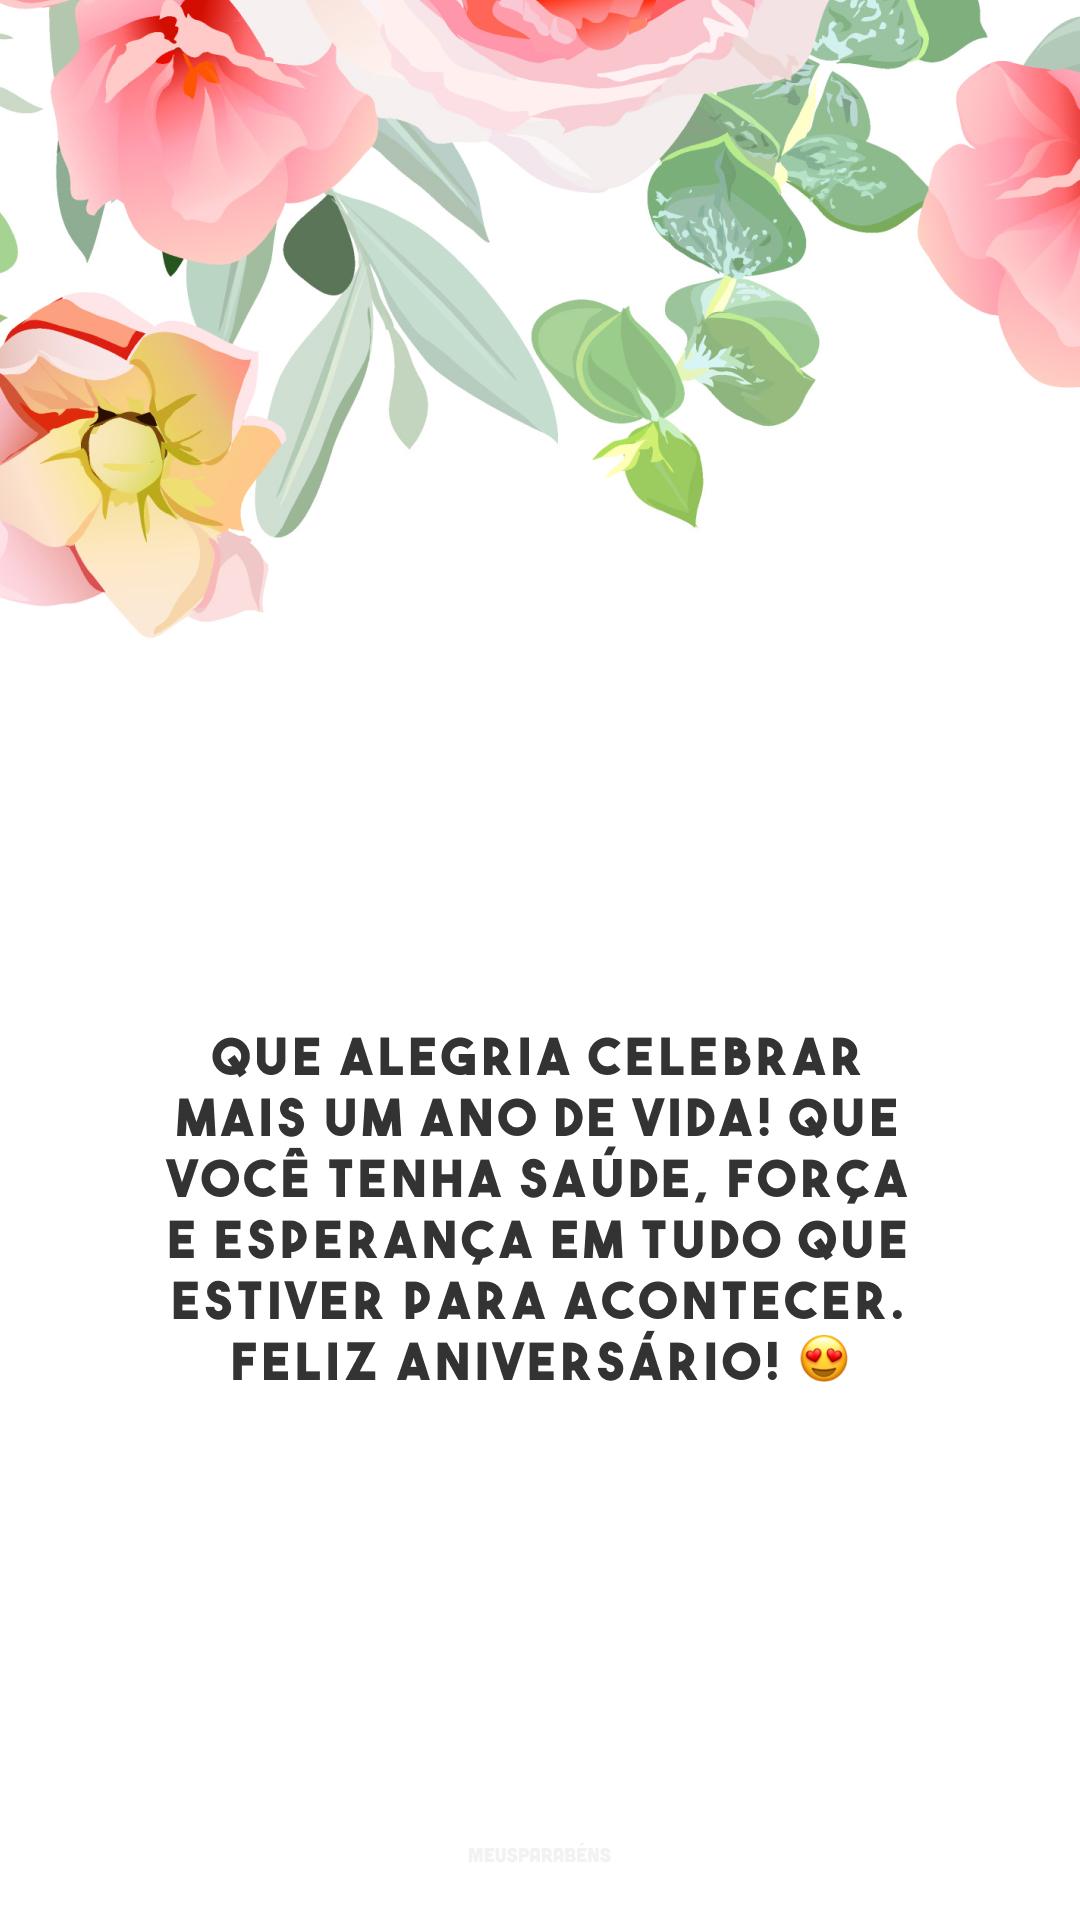 Que alegria celebrar mais um ano de vida! Que você tenha saúde, força e esperança em tudo que estiver para acontecer. Feliz aniversário! 😍